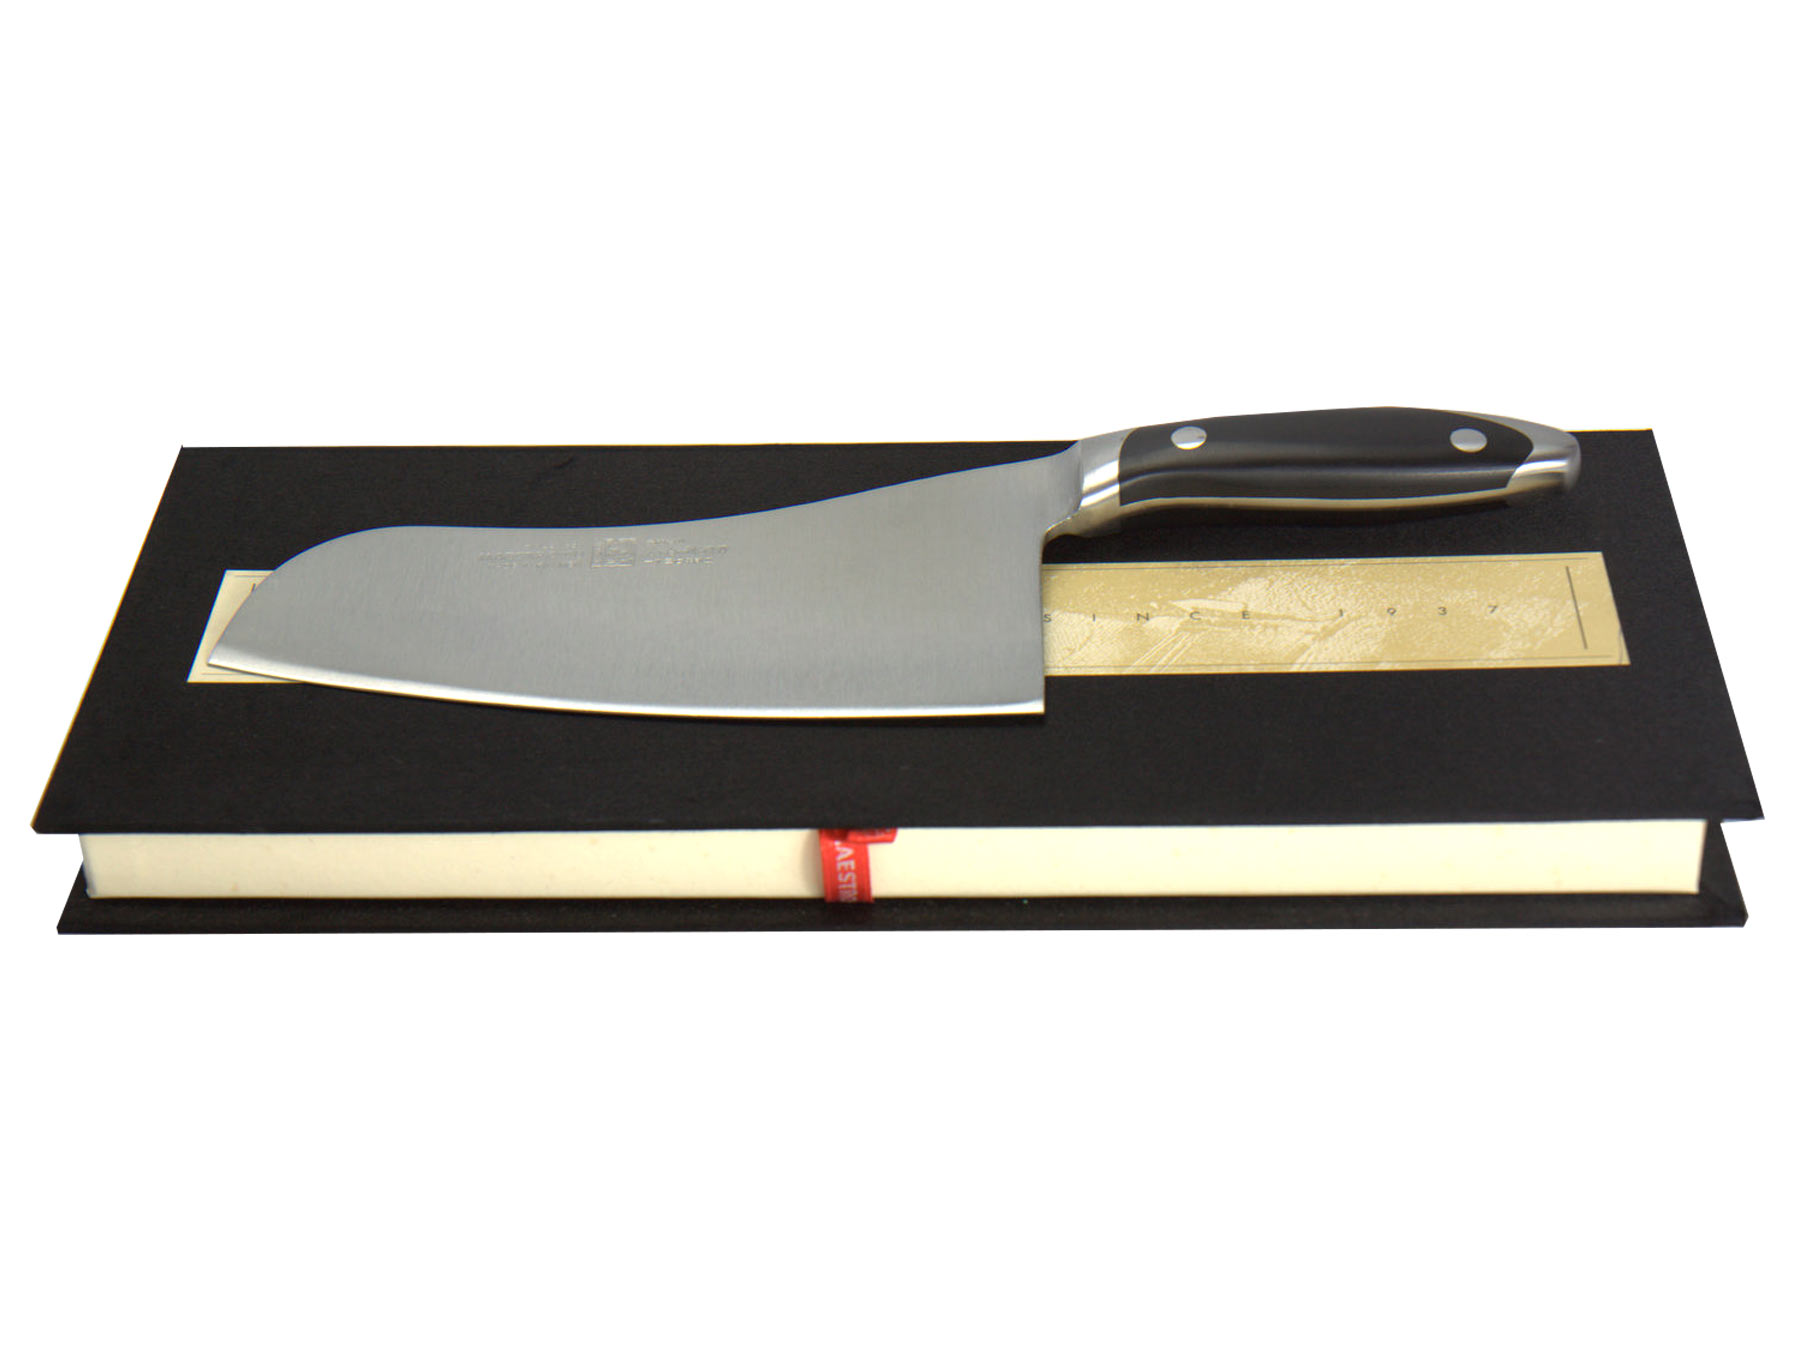 Maestro Wu MA-01 Chinesisches Hackmesser 18 cm